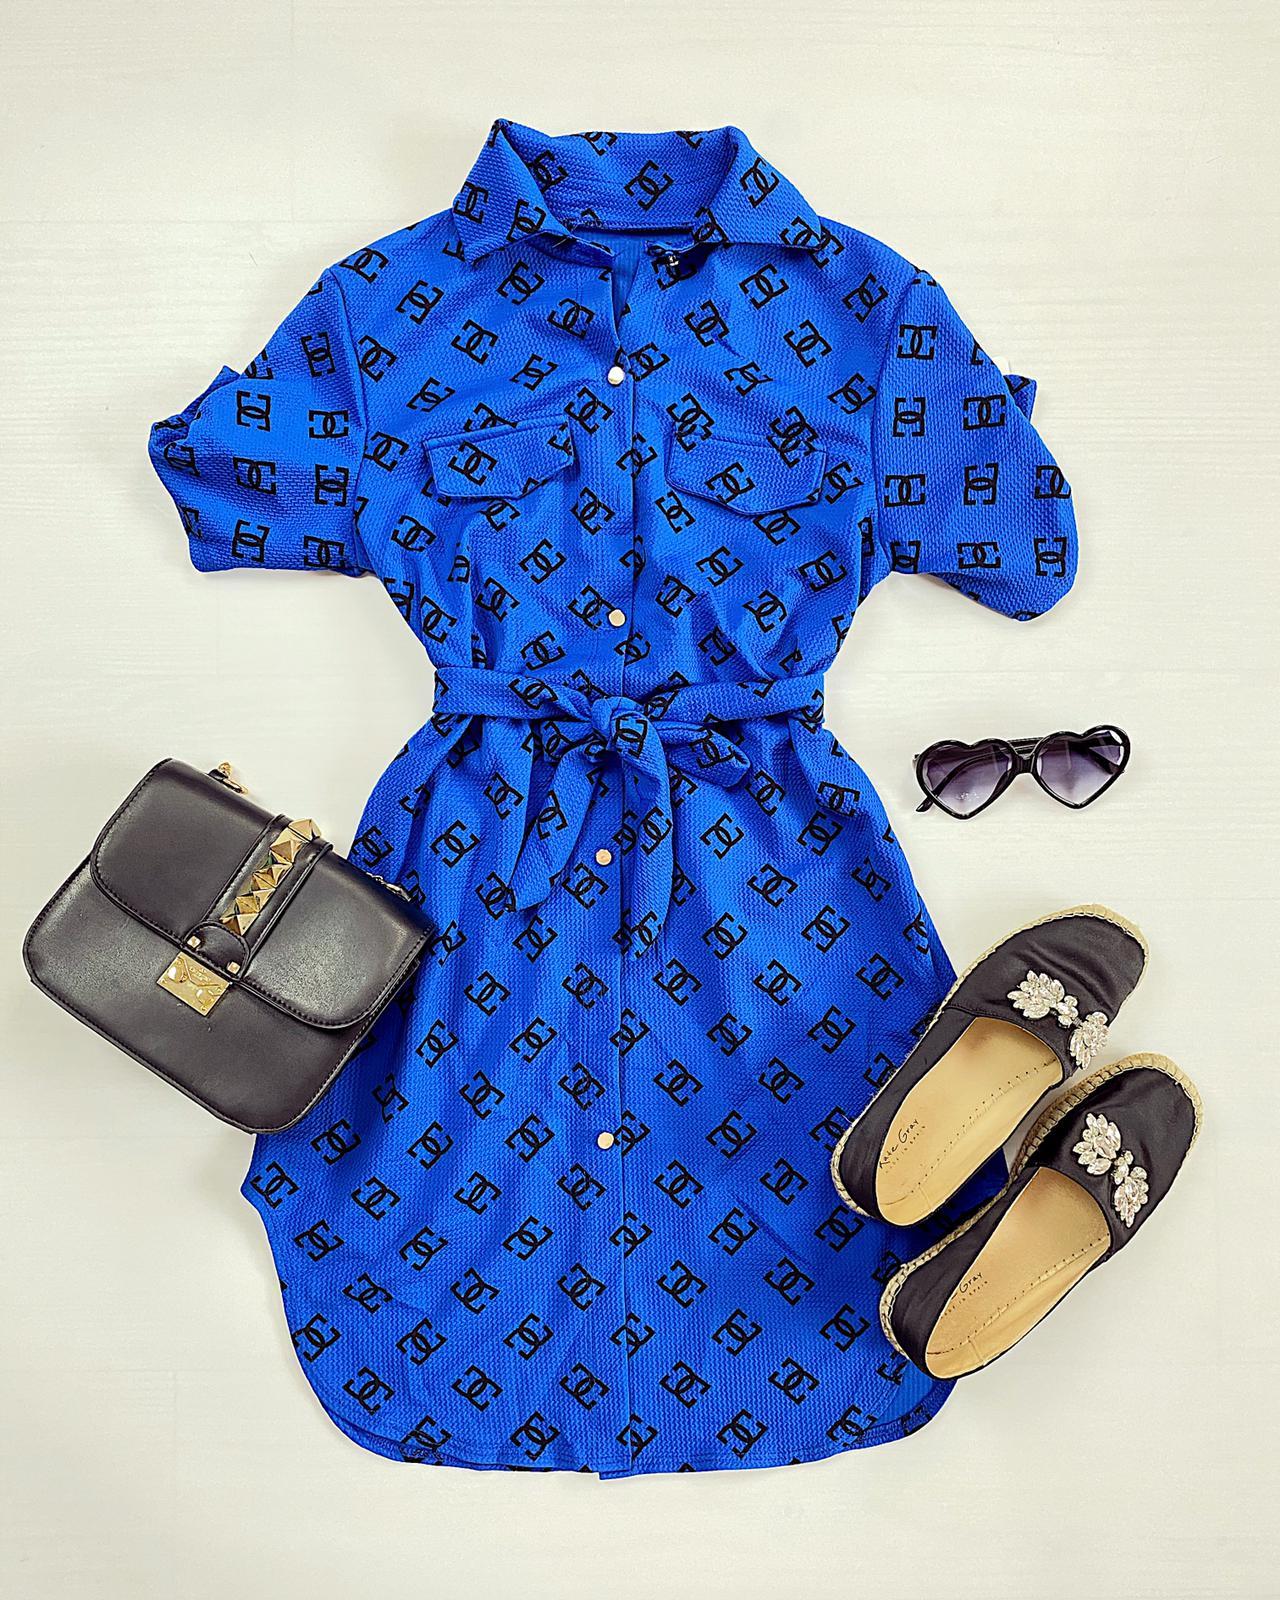 Rochie ieftina casual stil camasa albastra si neagra cu stelute si cordon in talie